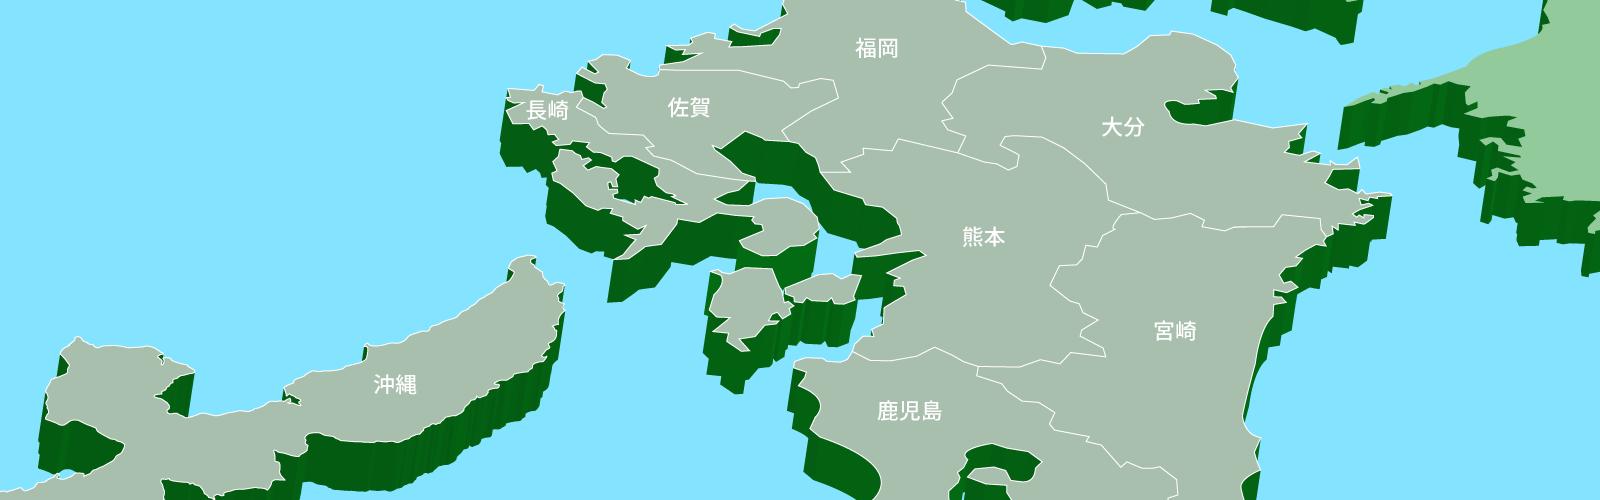 九州・沖縄エリア地図